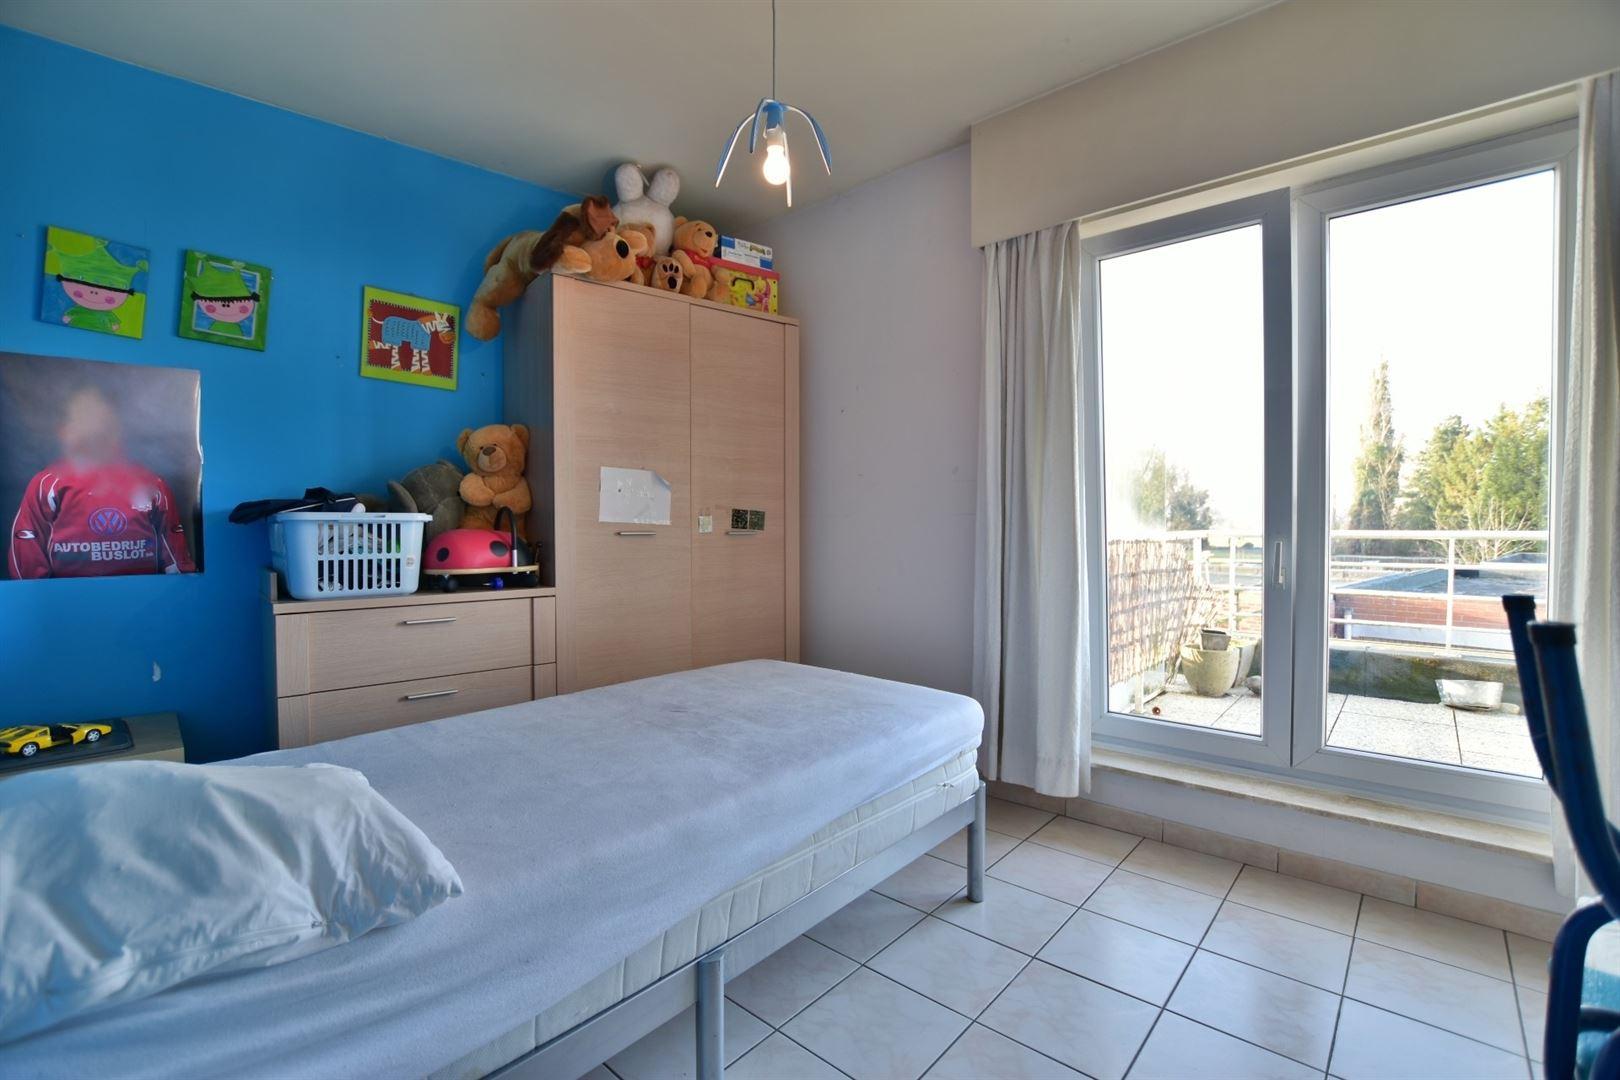 Foto 10 : Appartement te 9200 APPELS (België) - Prijs € 190.000